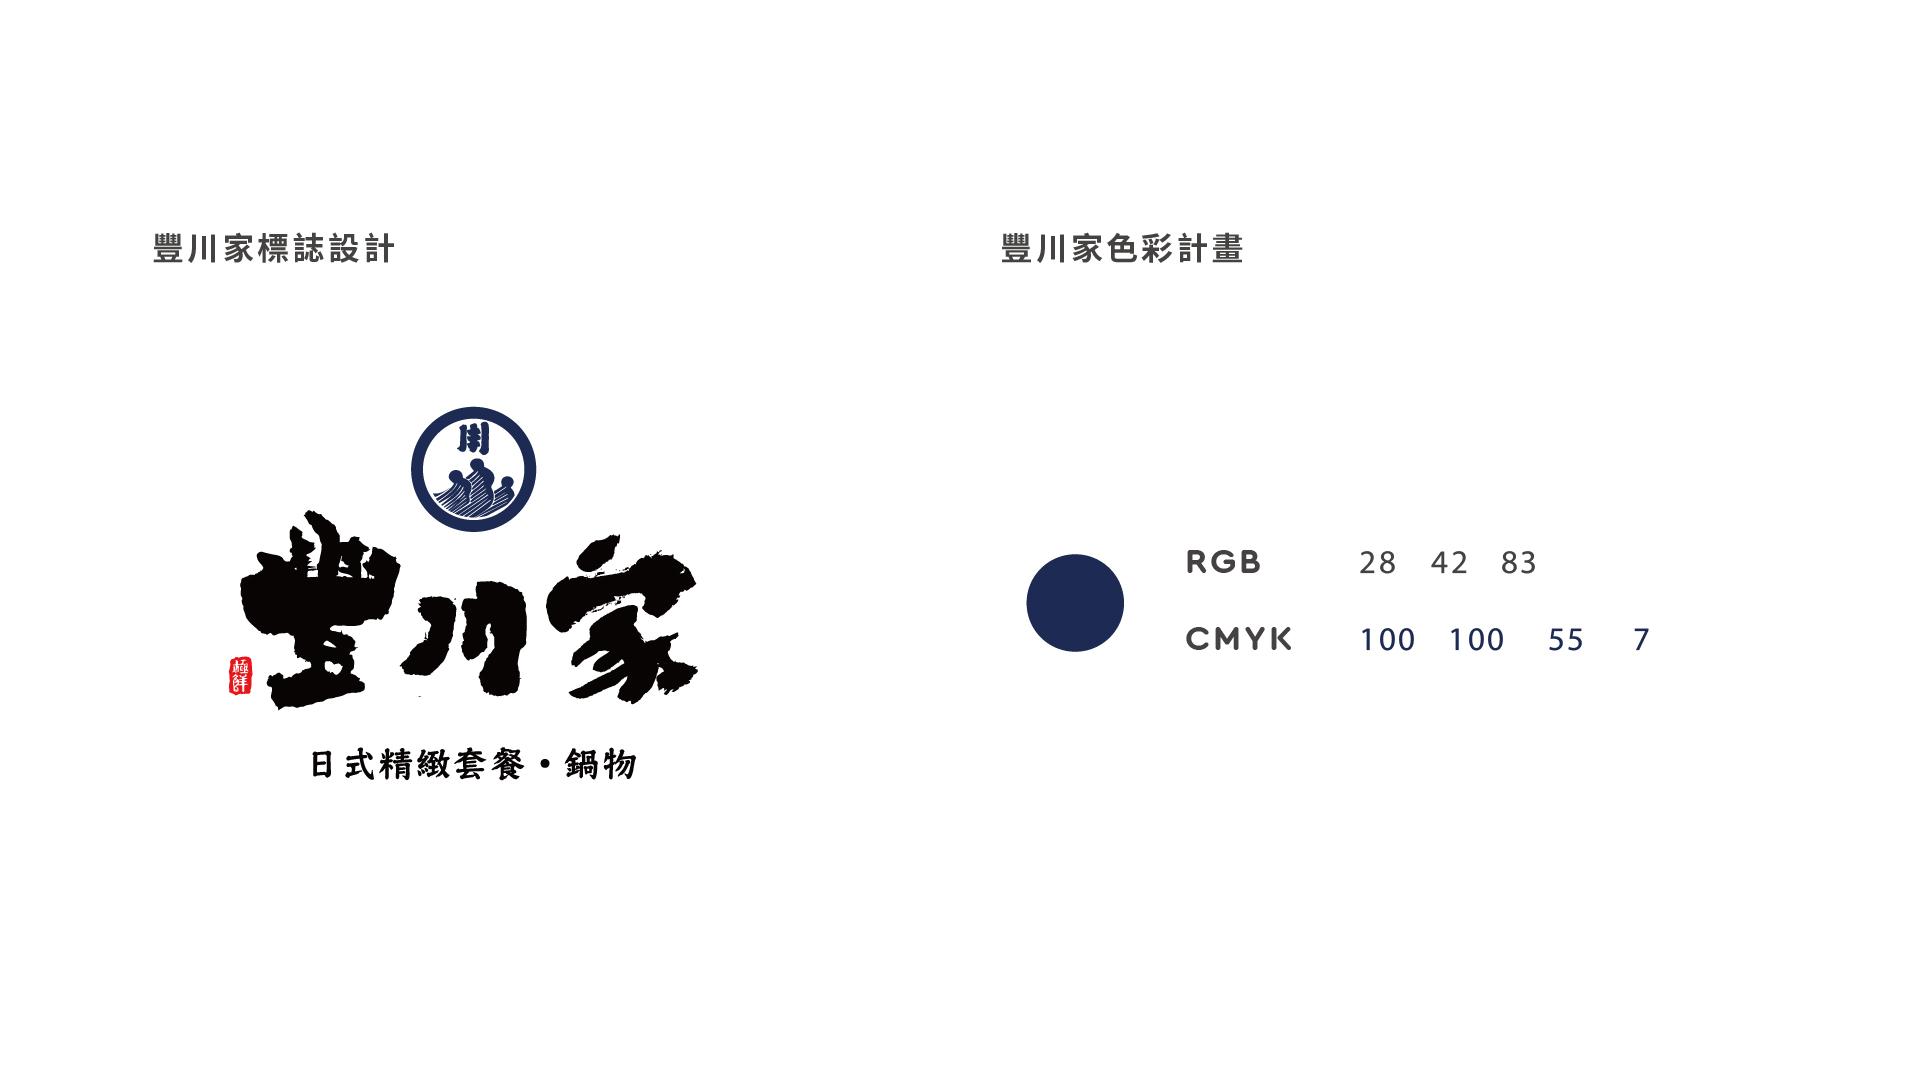 豐川家 標誌LOGO設計及色彩計畫 | 甘樂文創 | 甘之如飴,樂在其中